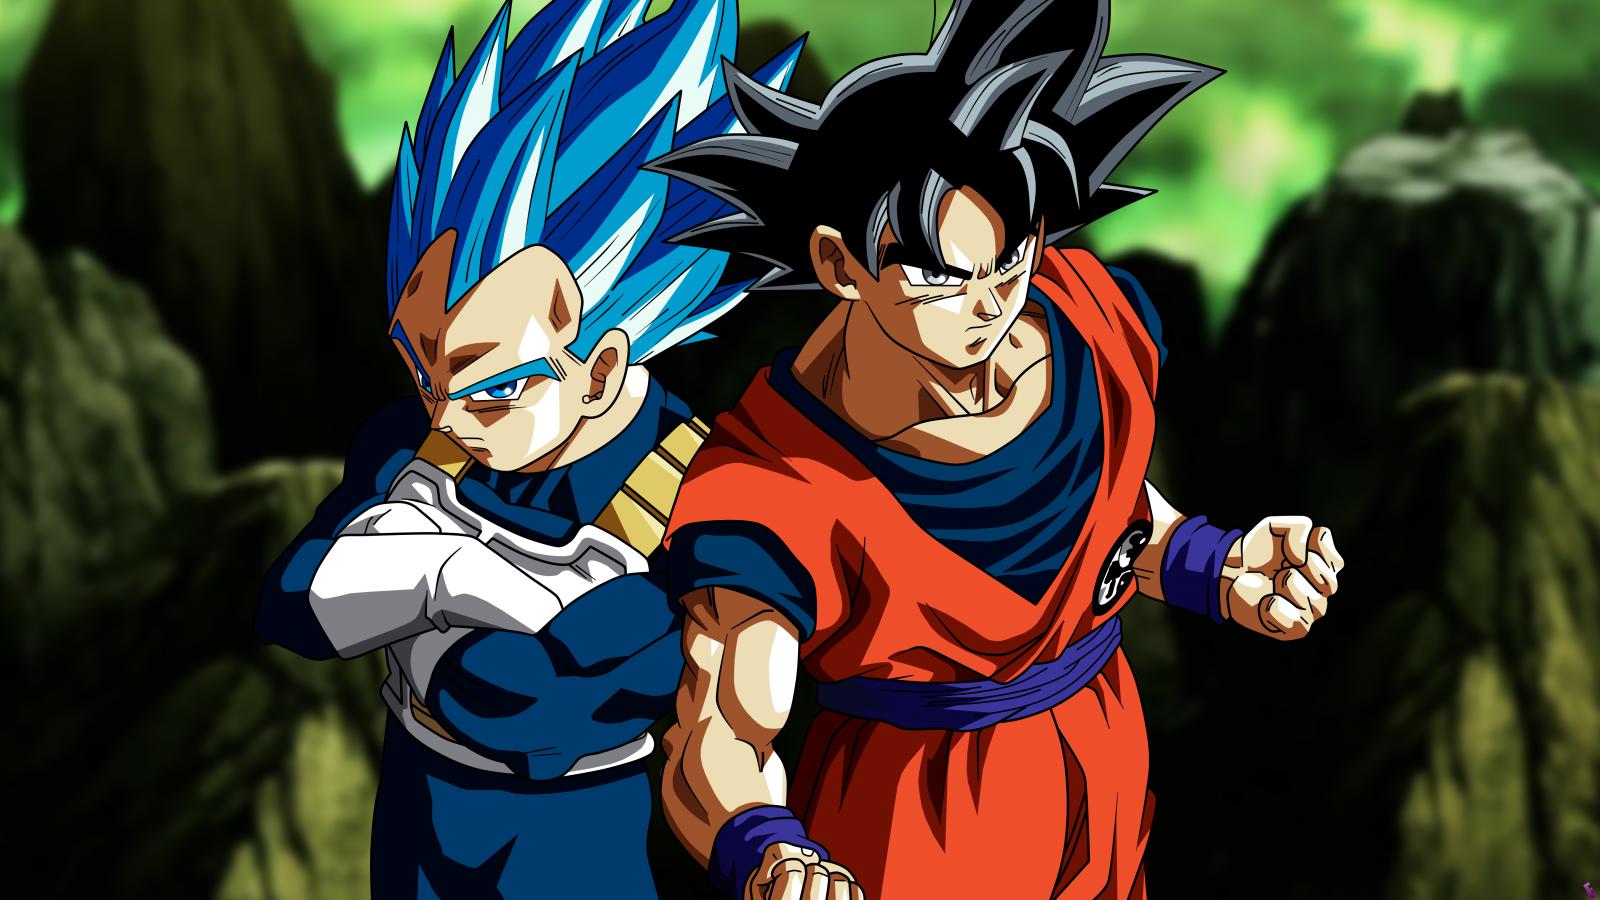 afe334564ce1 Arte de Dragon Ball Super imagina Goku como Deus da Destruição e ...